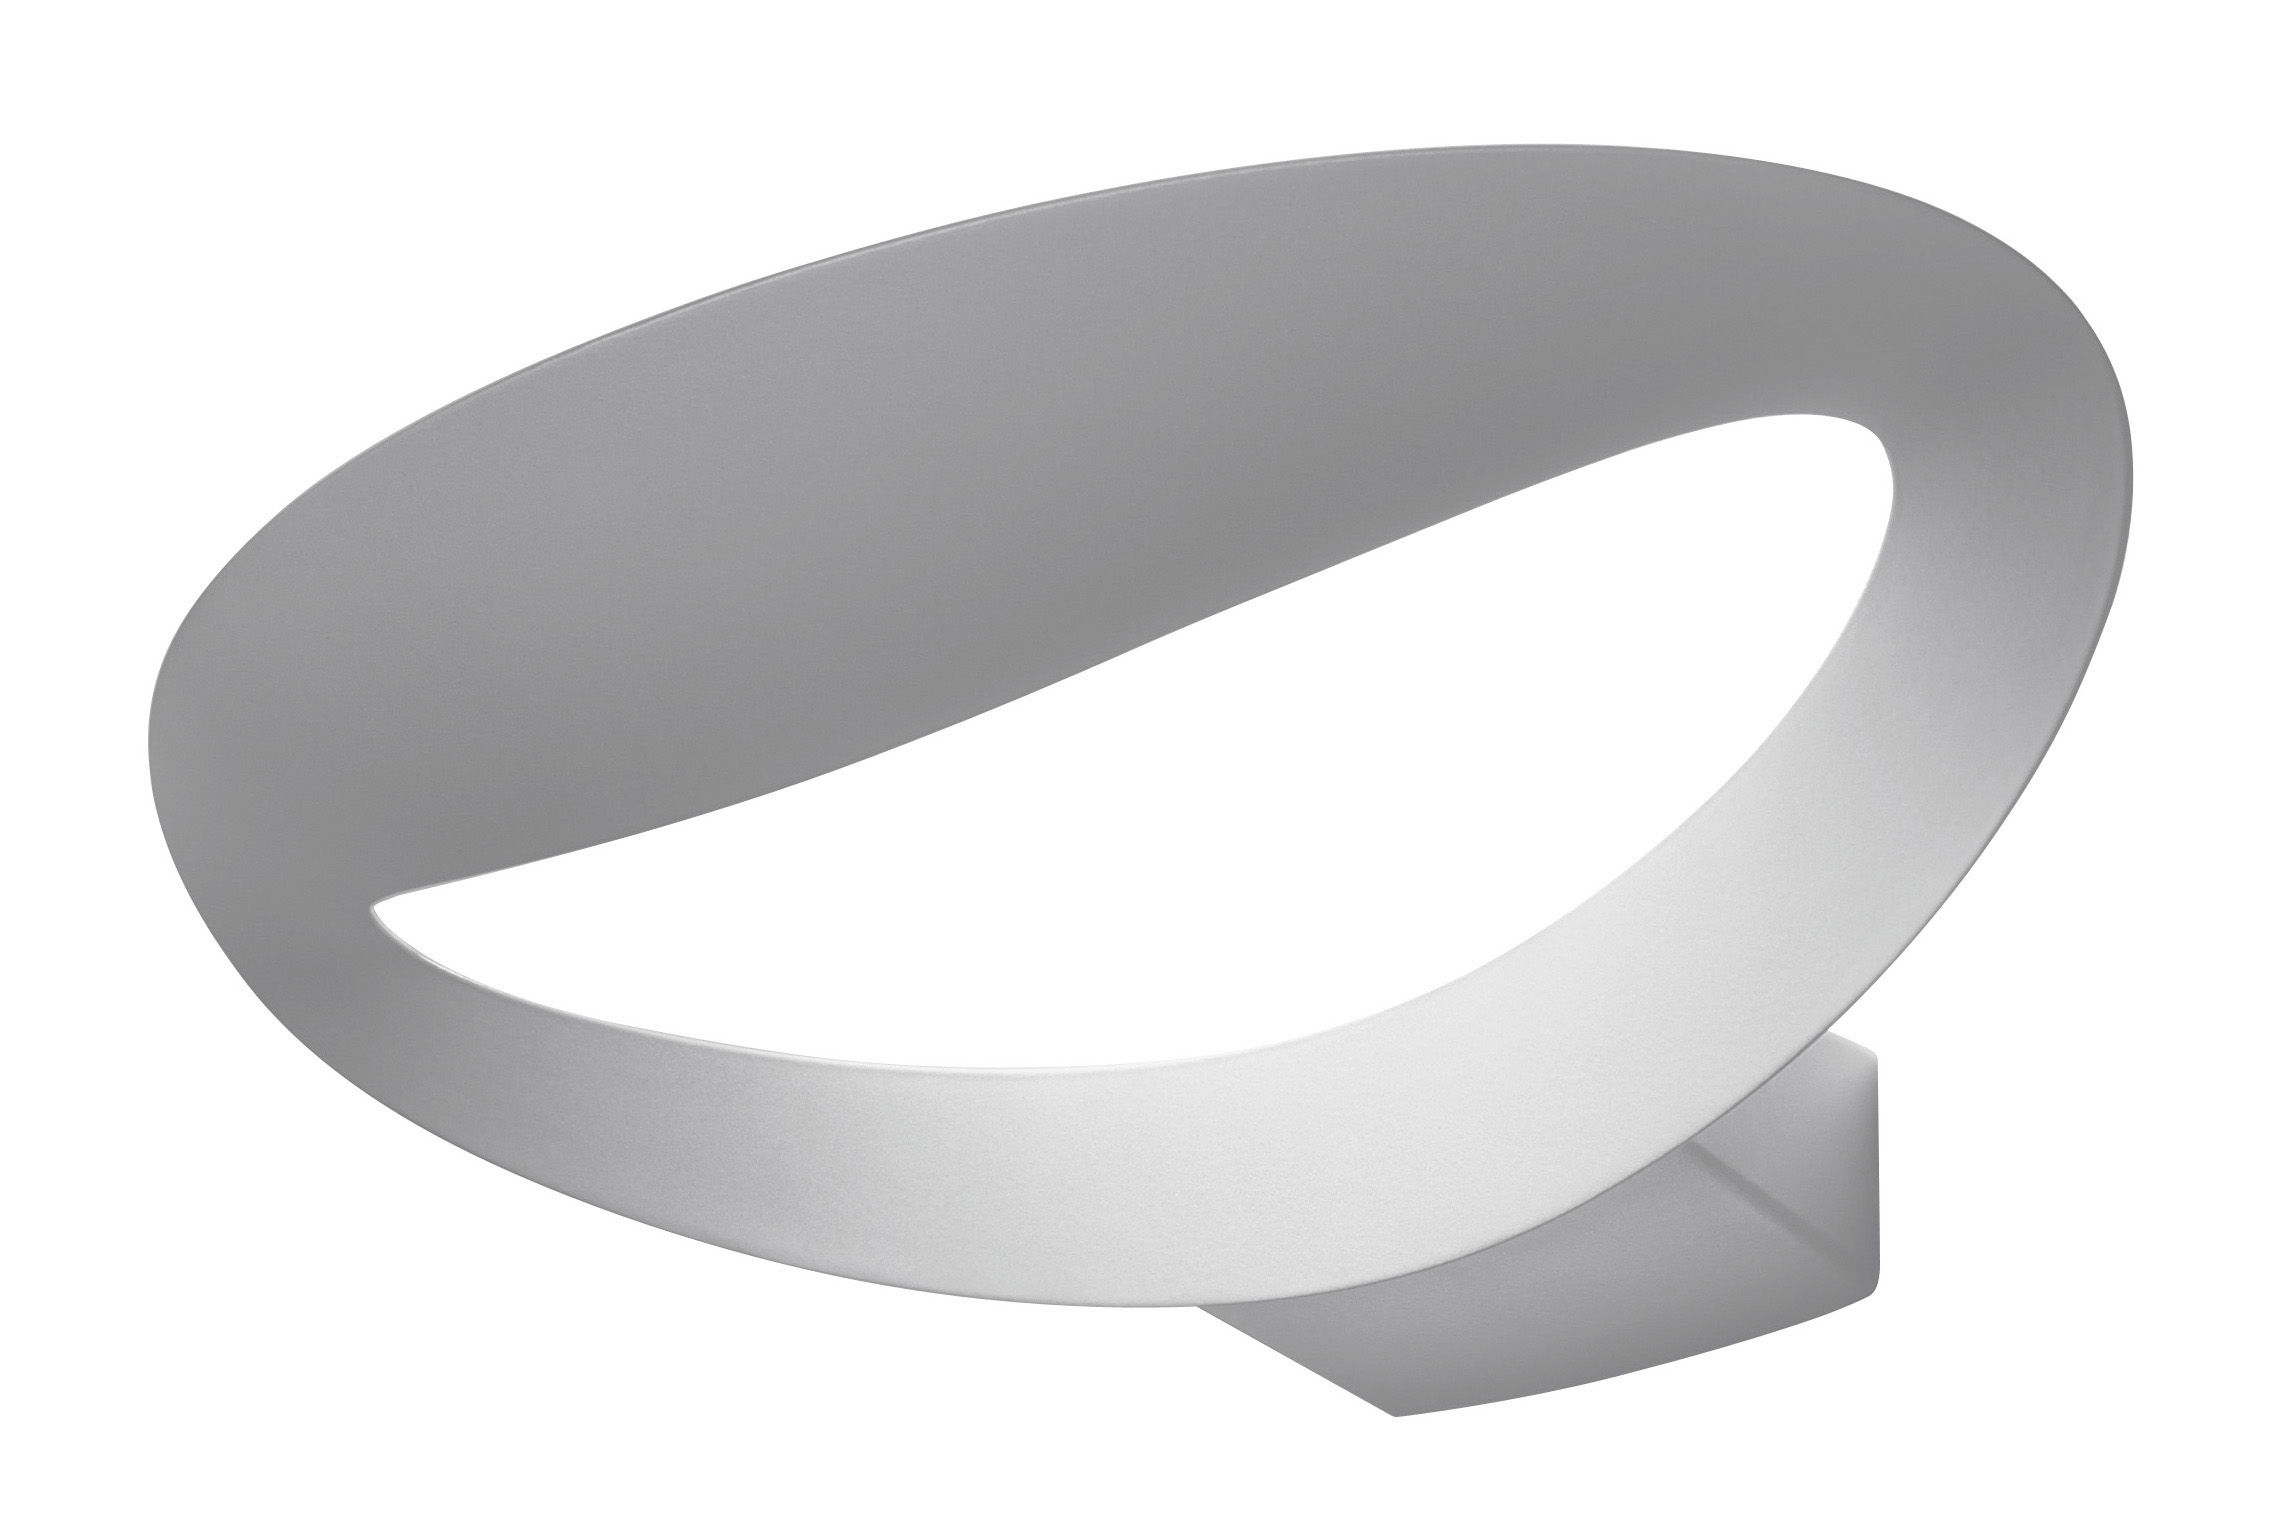 Applique mesmeri artemide blanc l h made in design